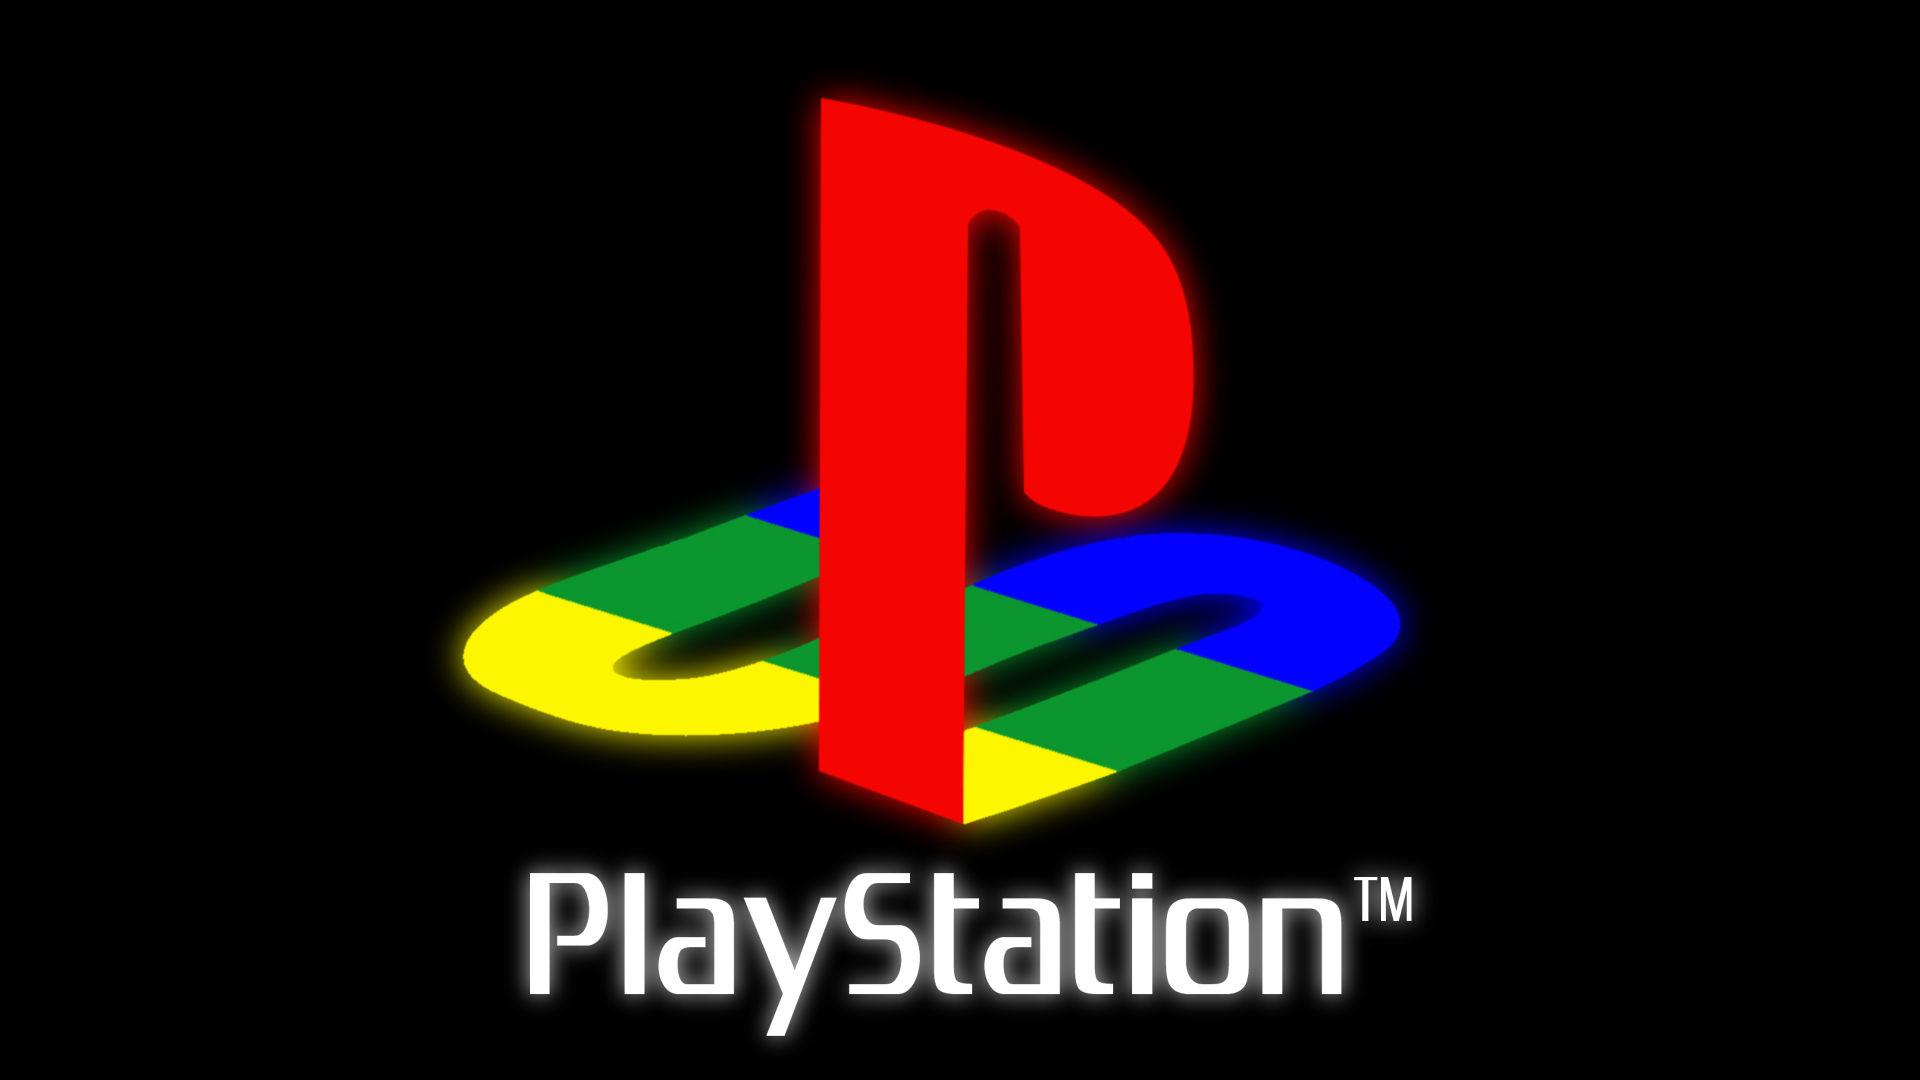 PlayStation Wallpaper 011